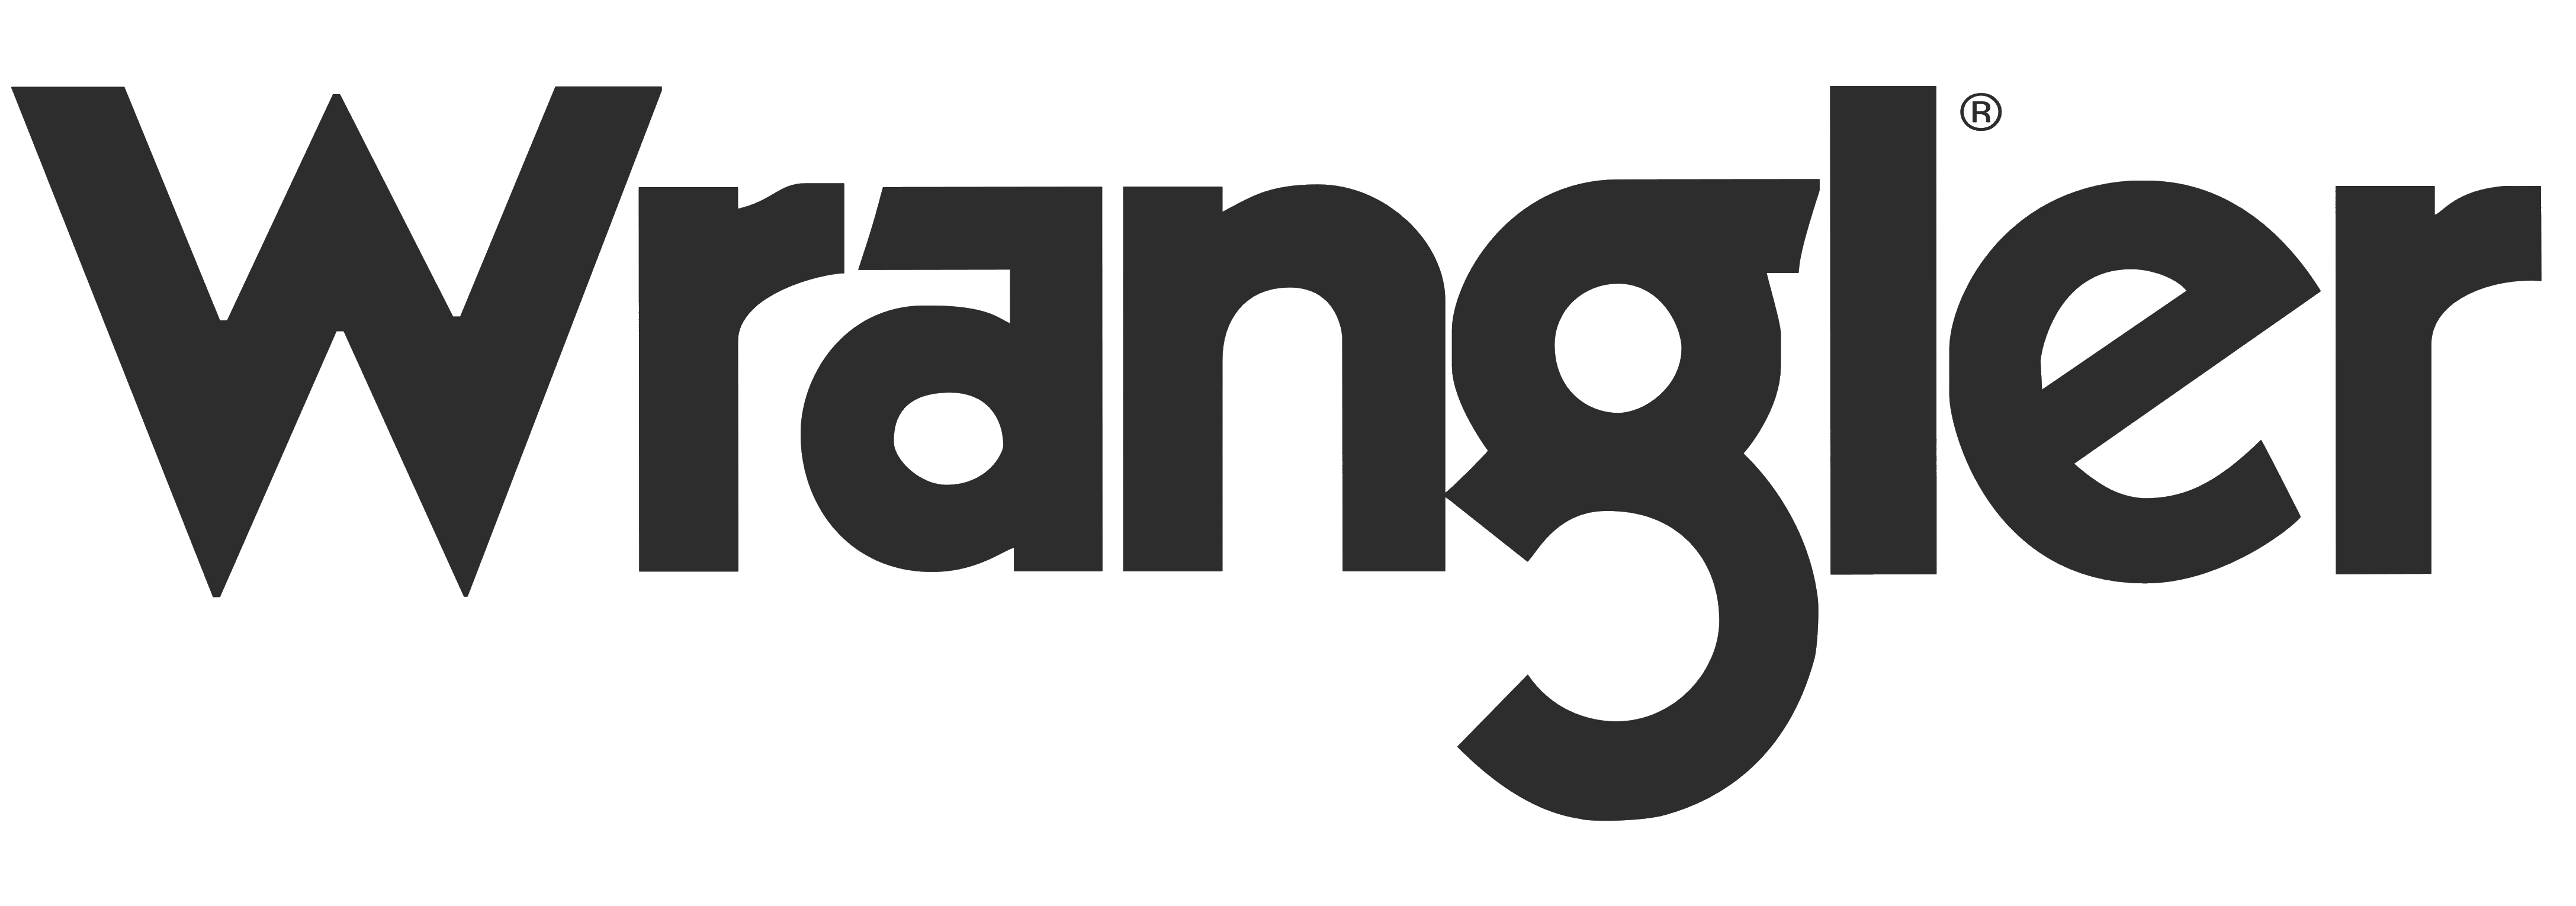 Logos Brands And Logotypes: Logos Download